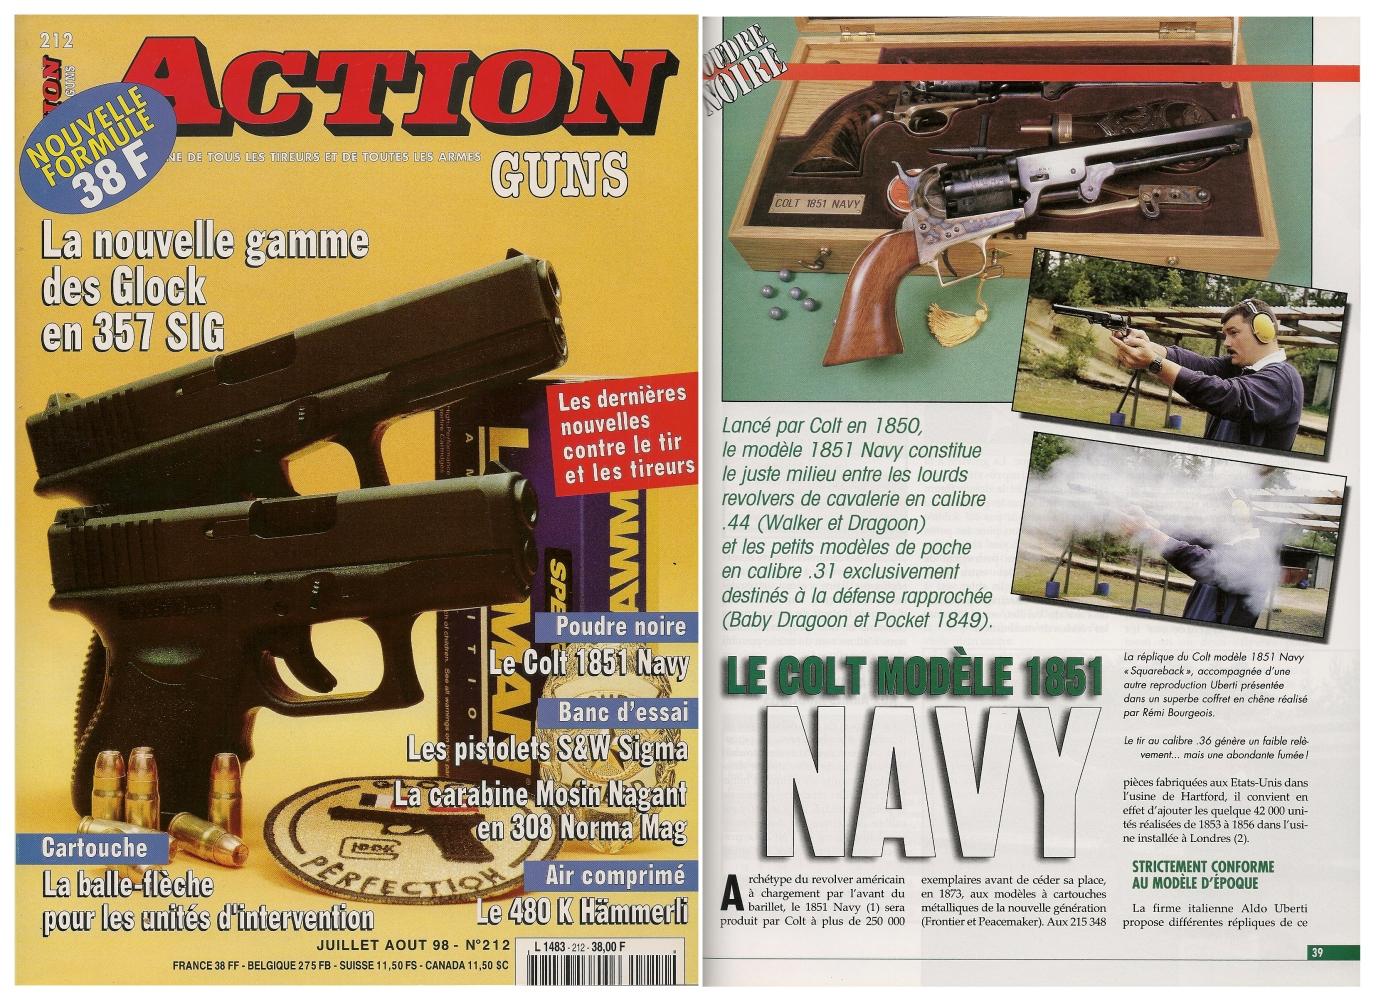 Le banc d'essai de la réplique du Colt 1851 Navy a été publié sur 5 pages dans le magazine Action Guns n°212 (juillet-août 1998).